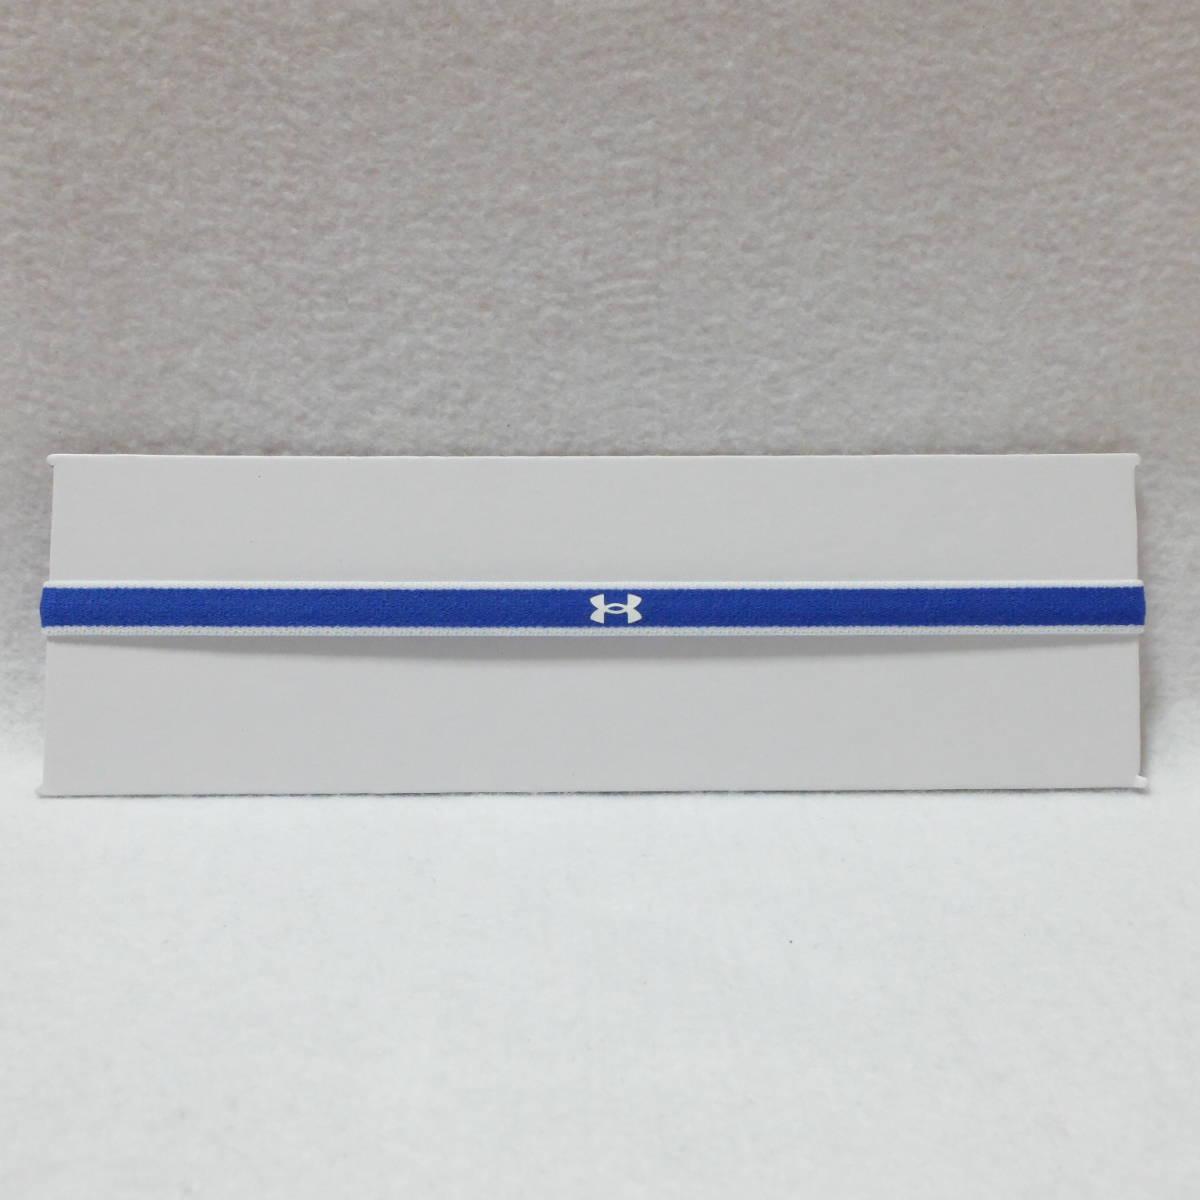 アンダーアーマー ヘアバンド ヘッドバンド ブルー UNDER ARMOUR Mini Headbands